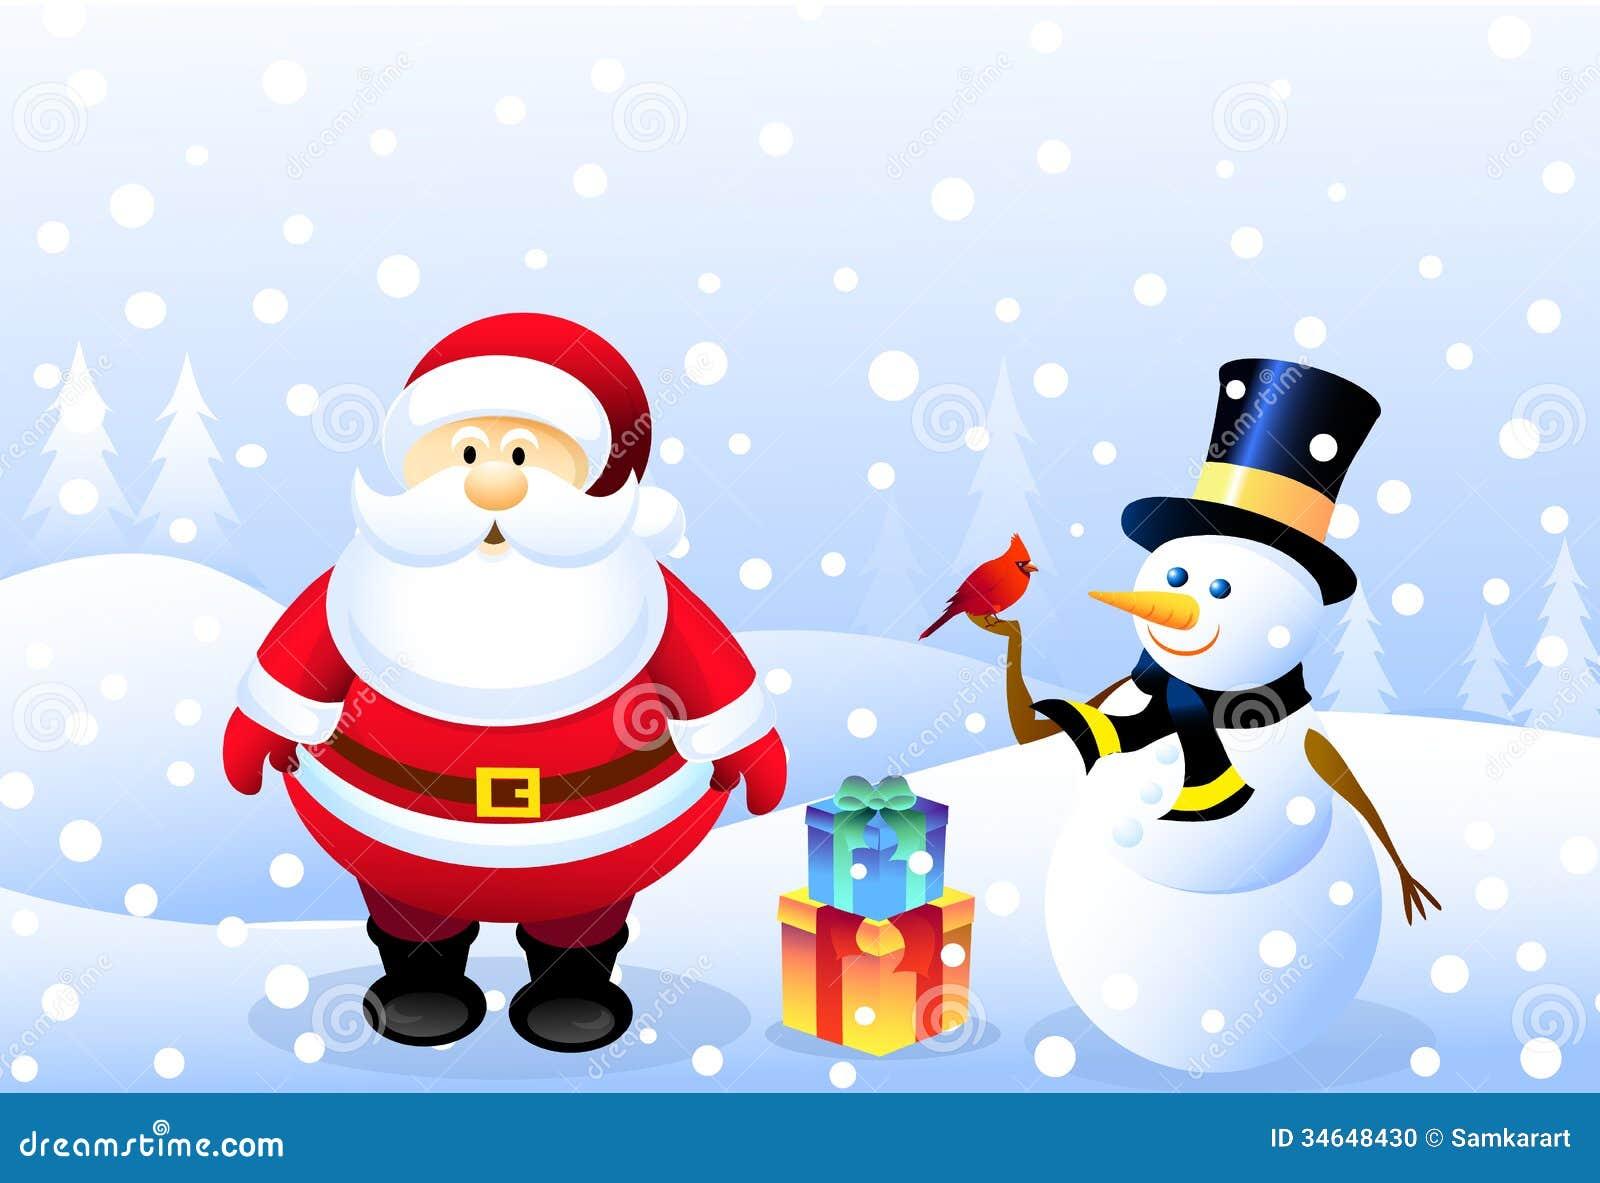 santasnowman christmas bird - Santa And Snowman